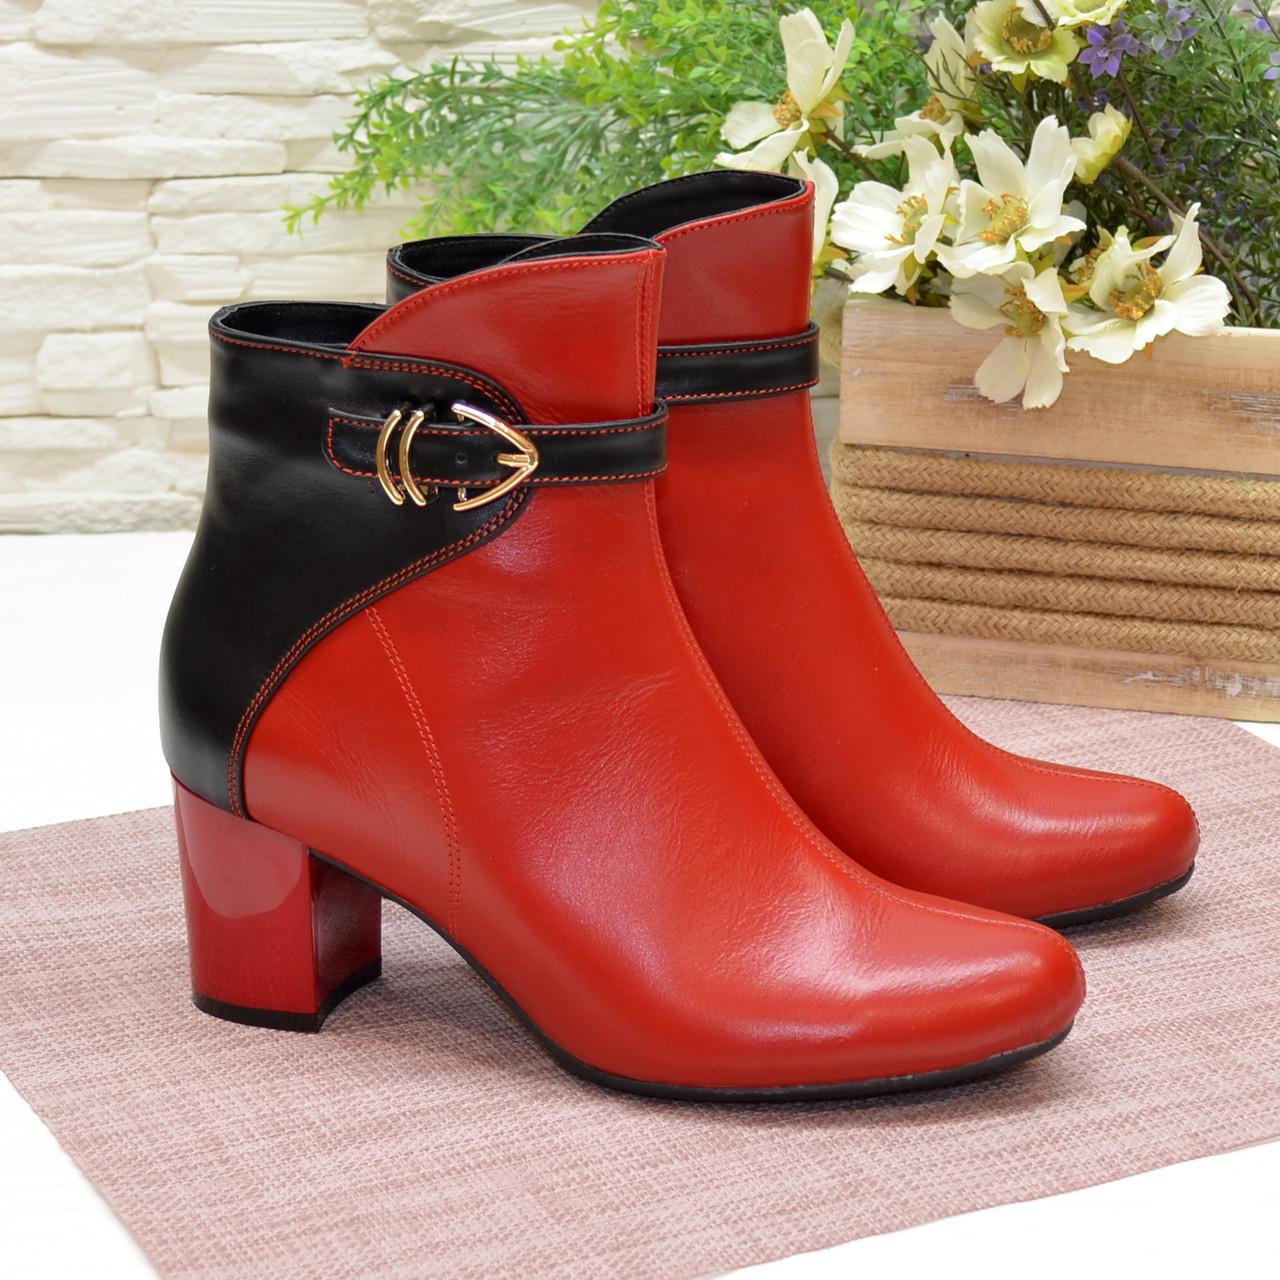 Ботинки кожаные демисезонные на невысоком каблуке, цвет красный/черный